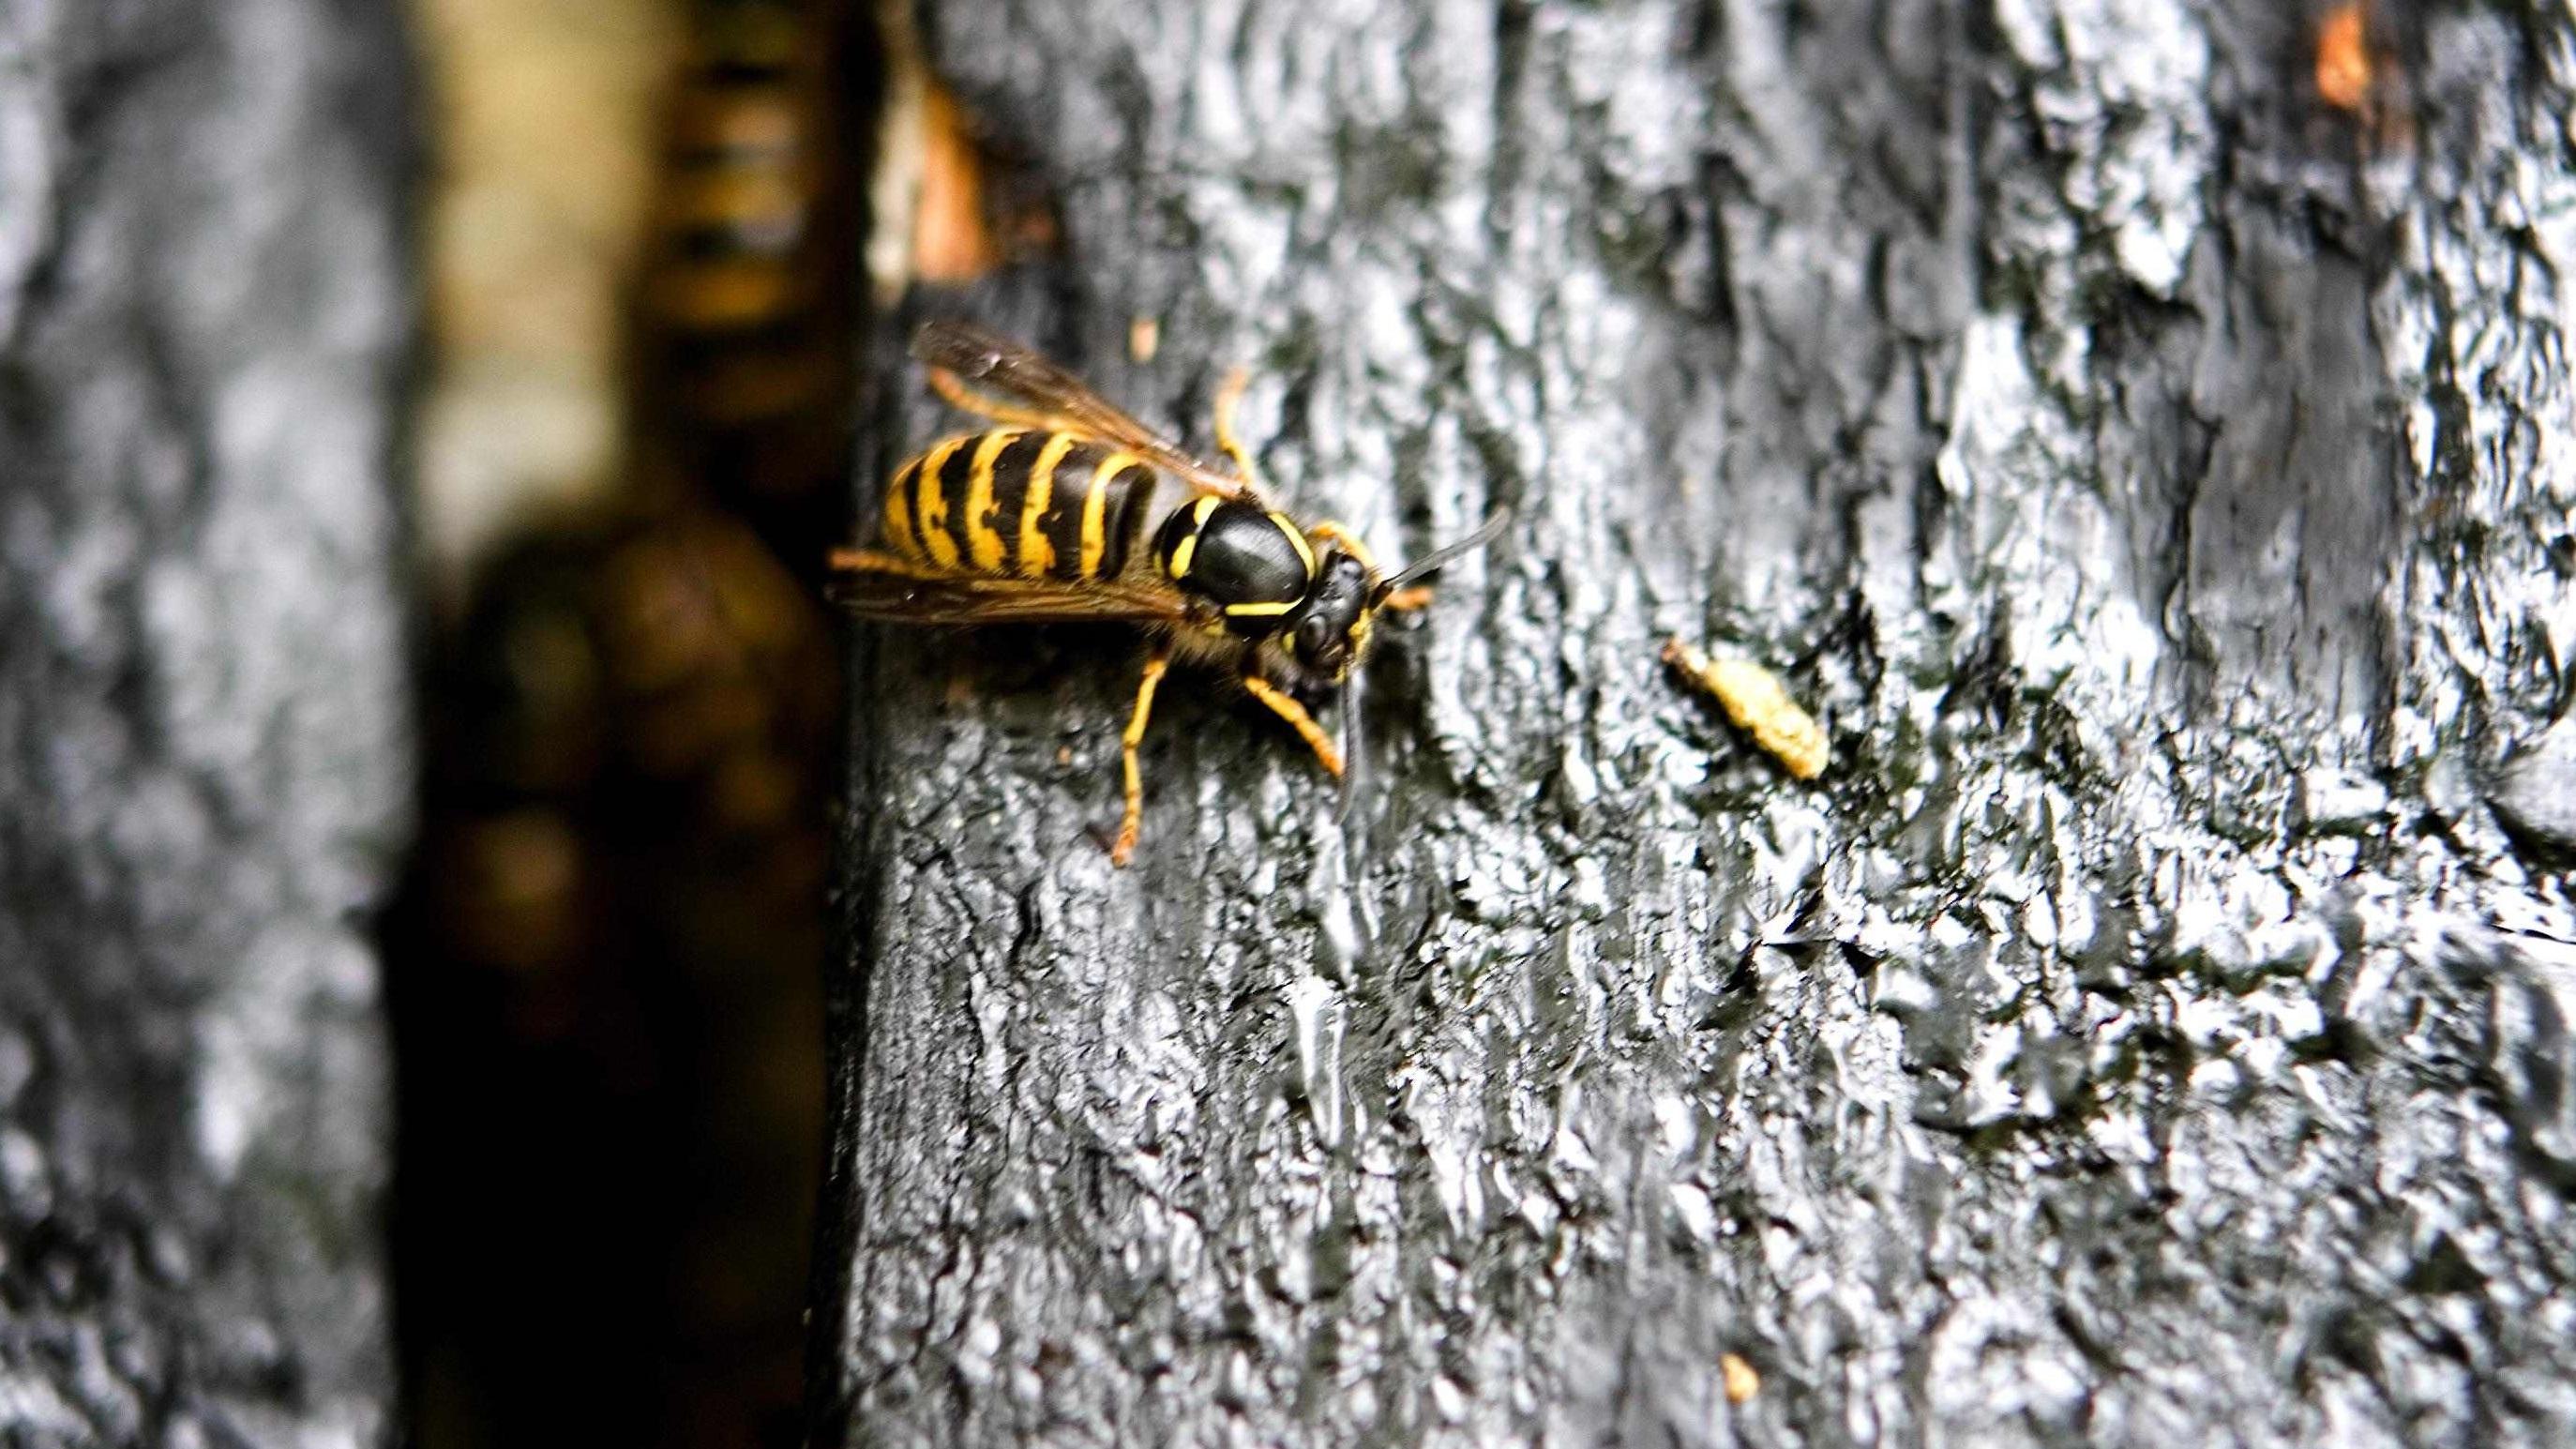 hvepse.jpg